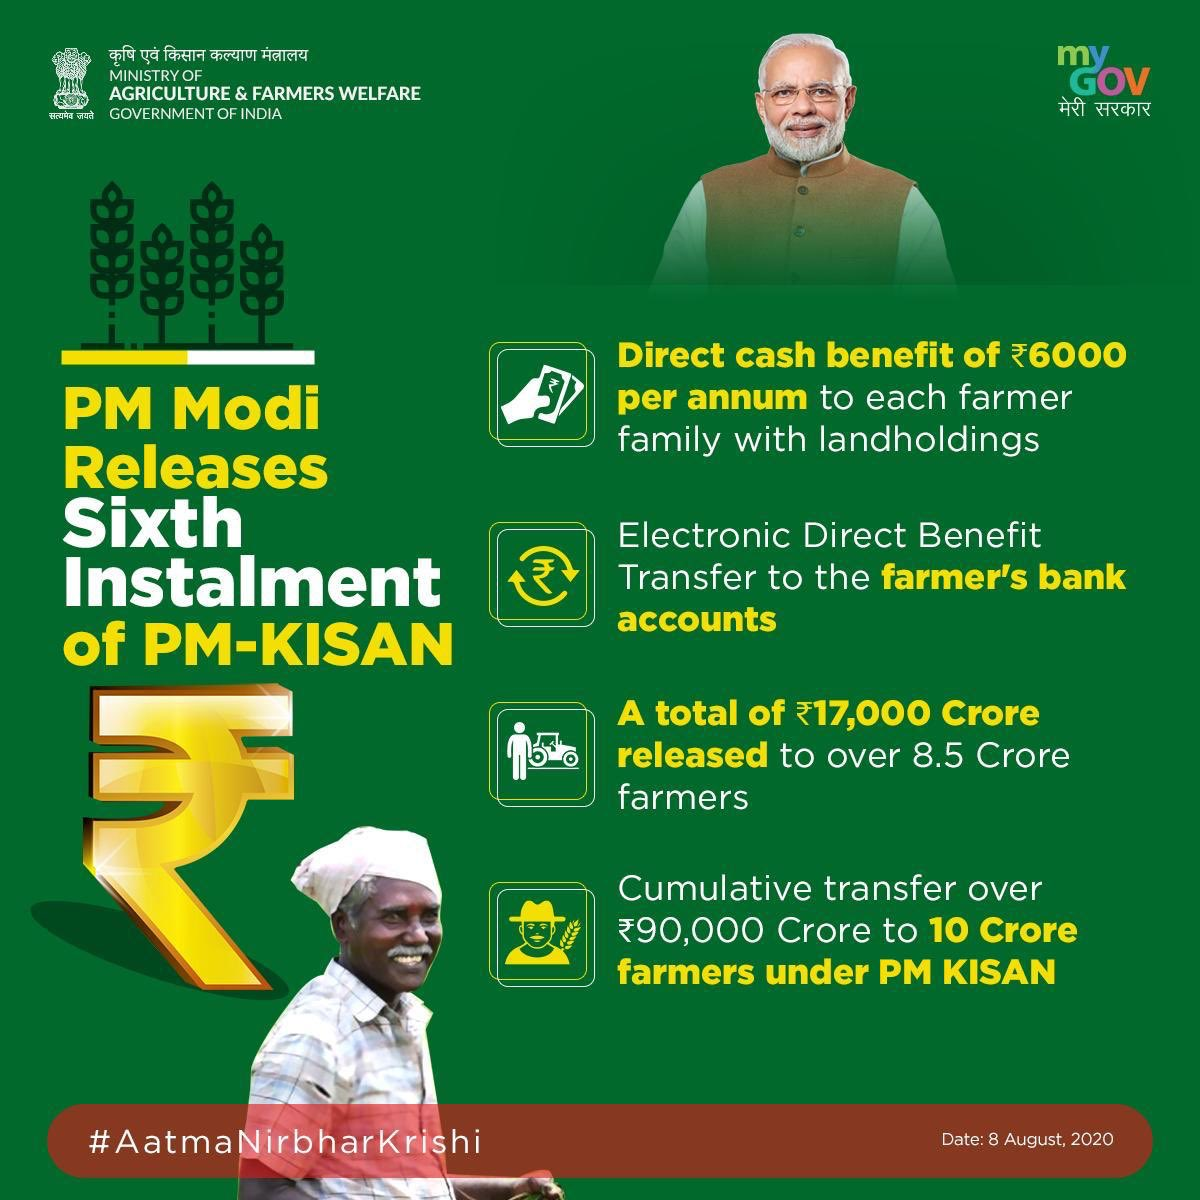 PM Modi releases sixth instalment of PM-Kisan.   #AatmaNirbharKrishi https://t.co/vdr6QGA9G0